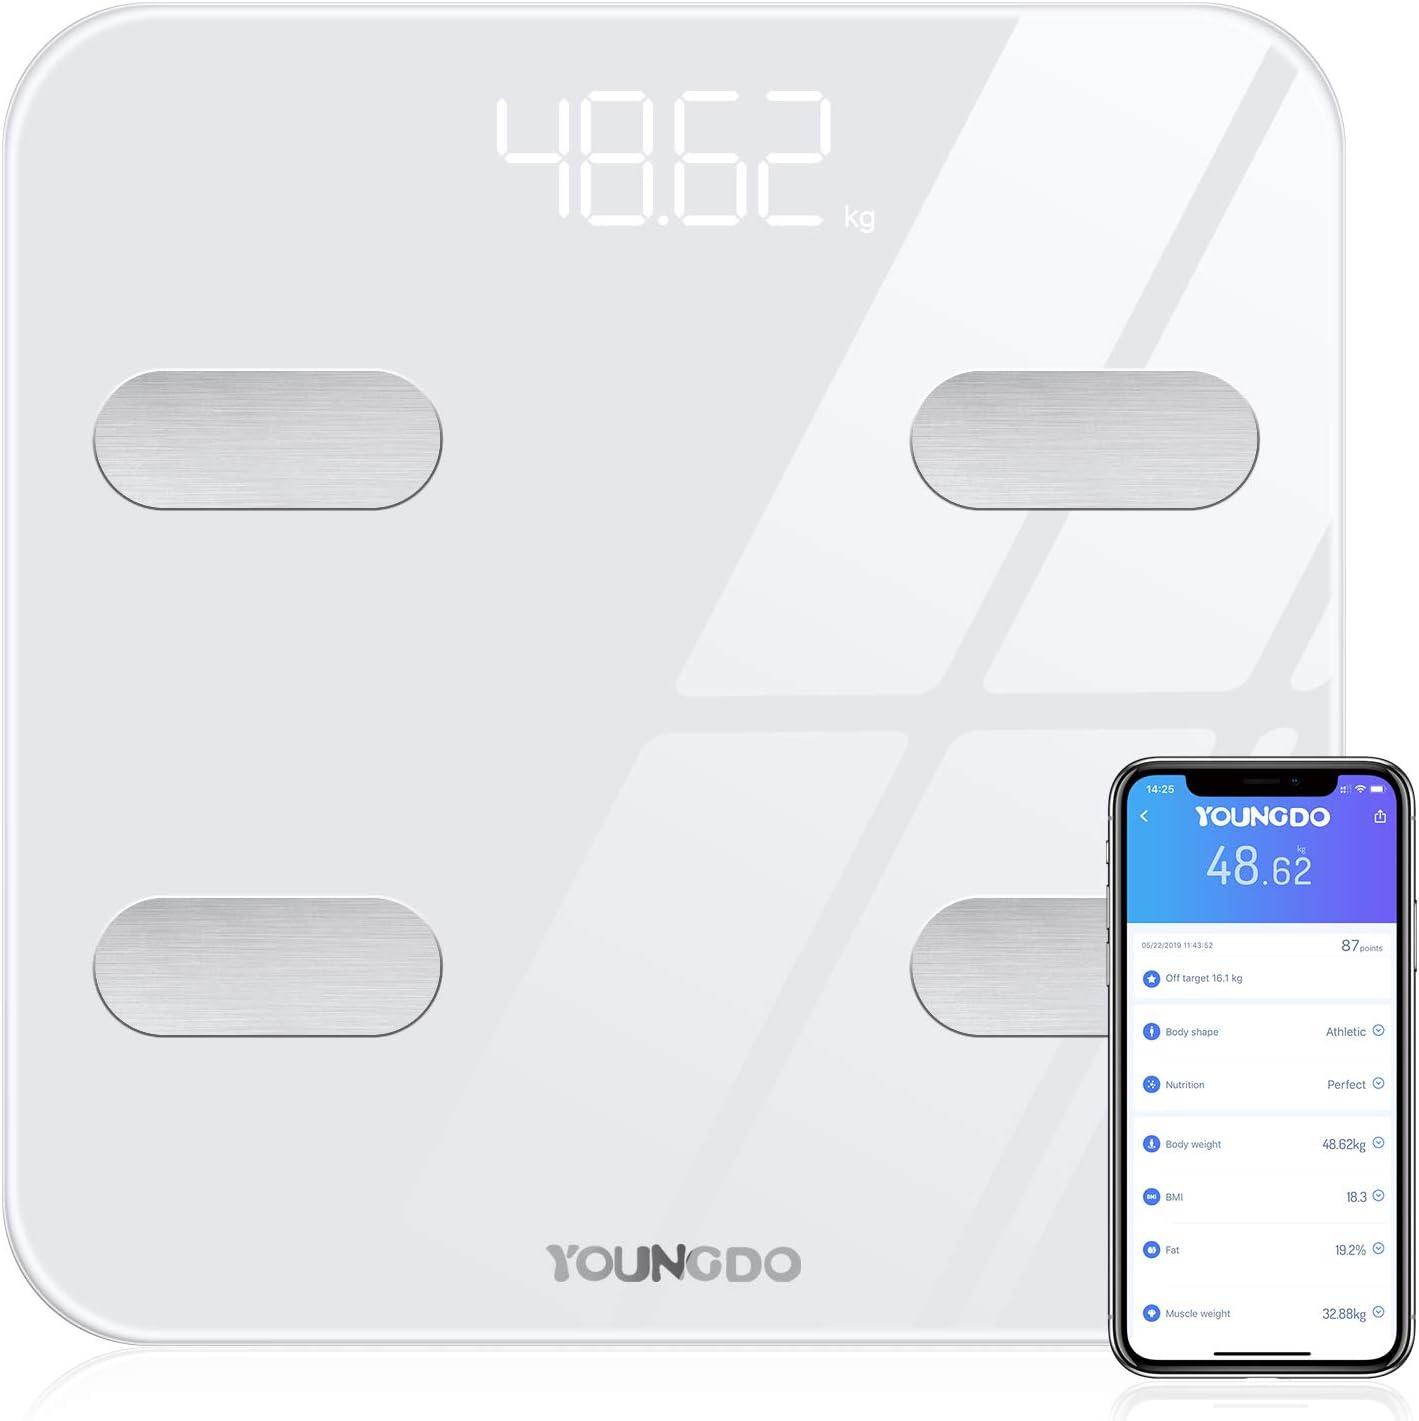 Báscula Grasa Corporal, YOUNGDO Báscula de Baño Bluetooth hasta 180 kg con 19 Datos del Cuerpo para 8 Usuarios (Peso, Grasa, Músculo, Agua, etc.) Blanco